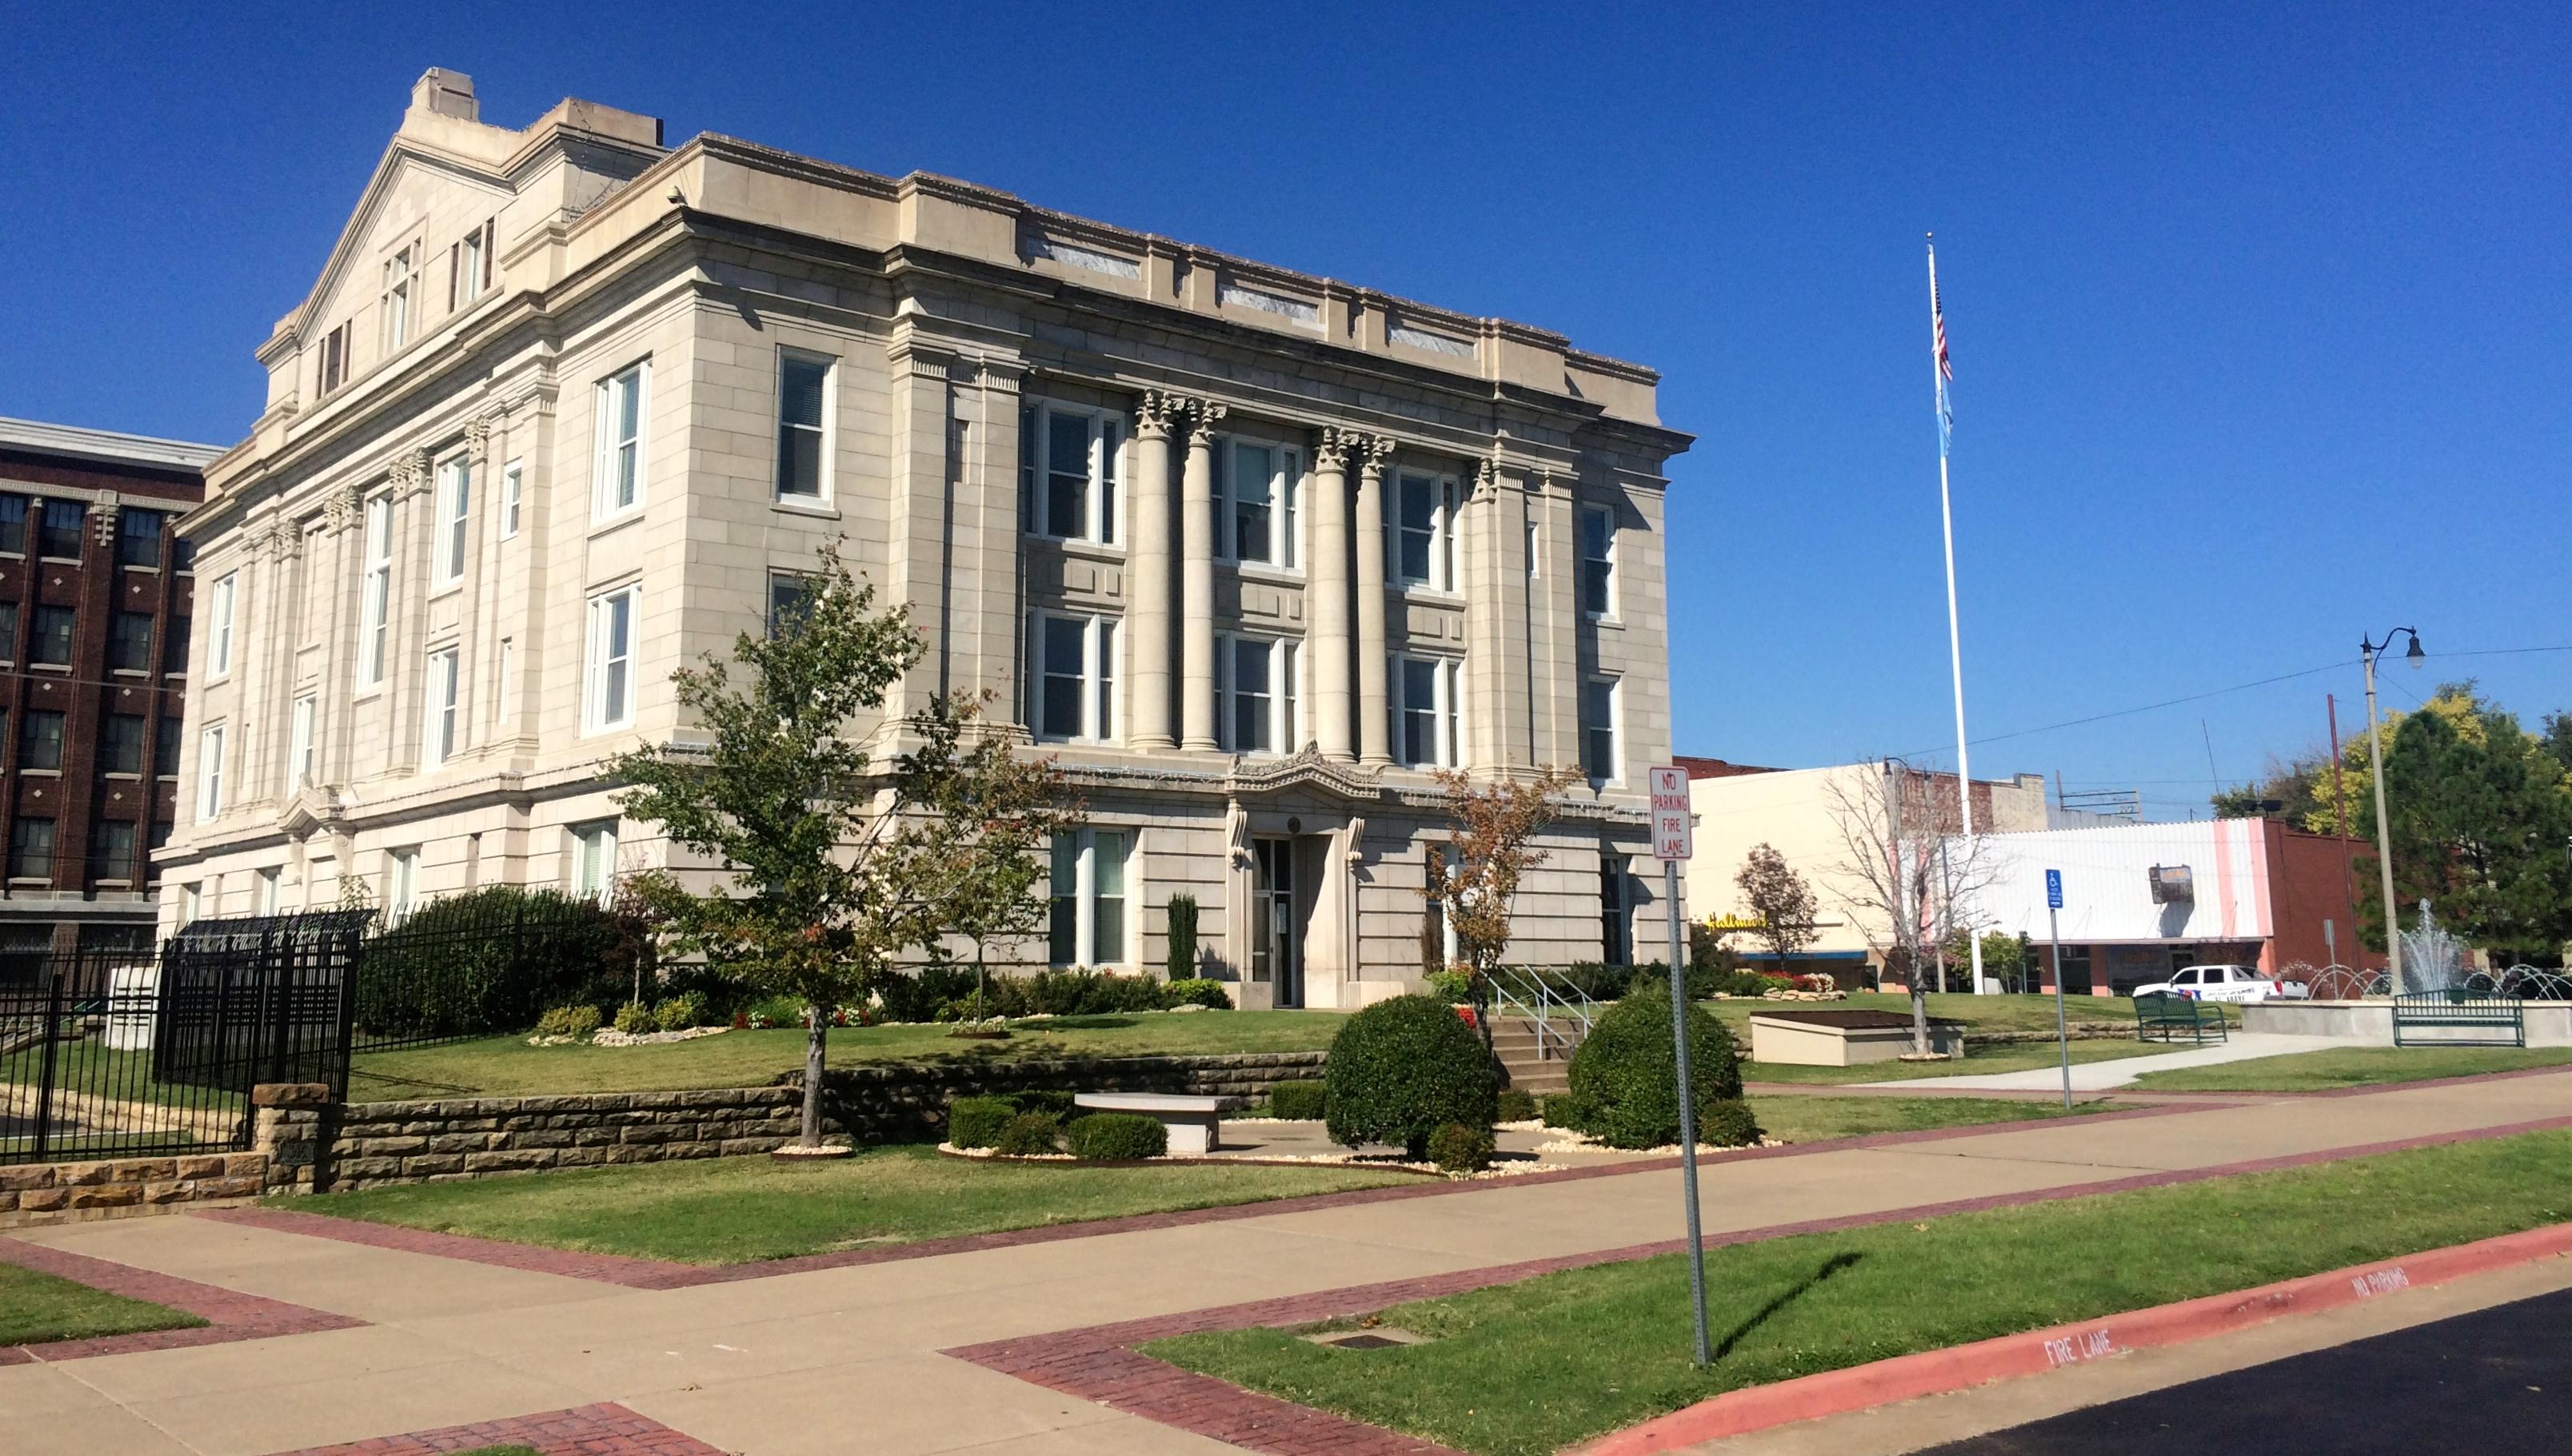 Sapulpa, Oklahoma - Wikipedia on talihina oklahoma road map, osage county oklahoma road map, rogers county oklahoma road map, tulsa oklahoma road map, norman oklahoma road map,